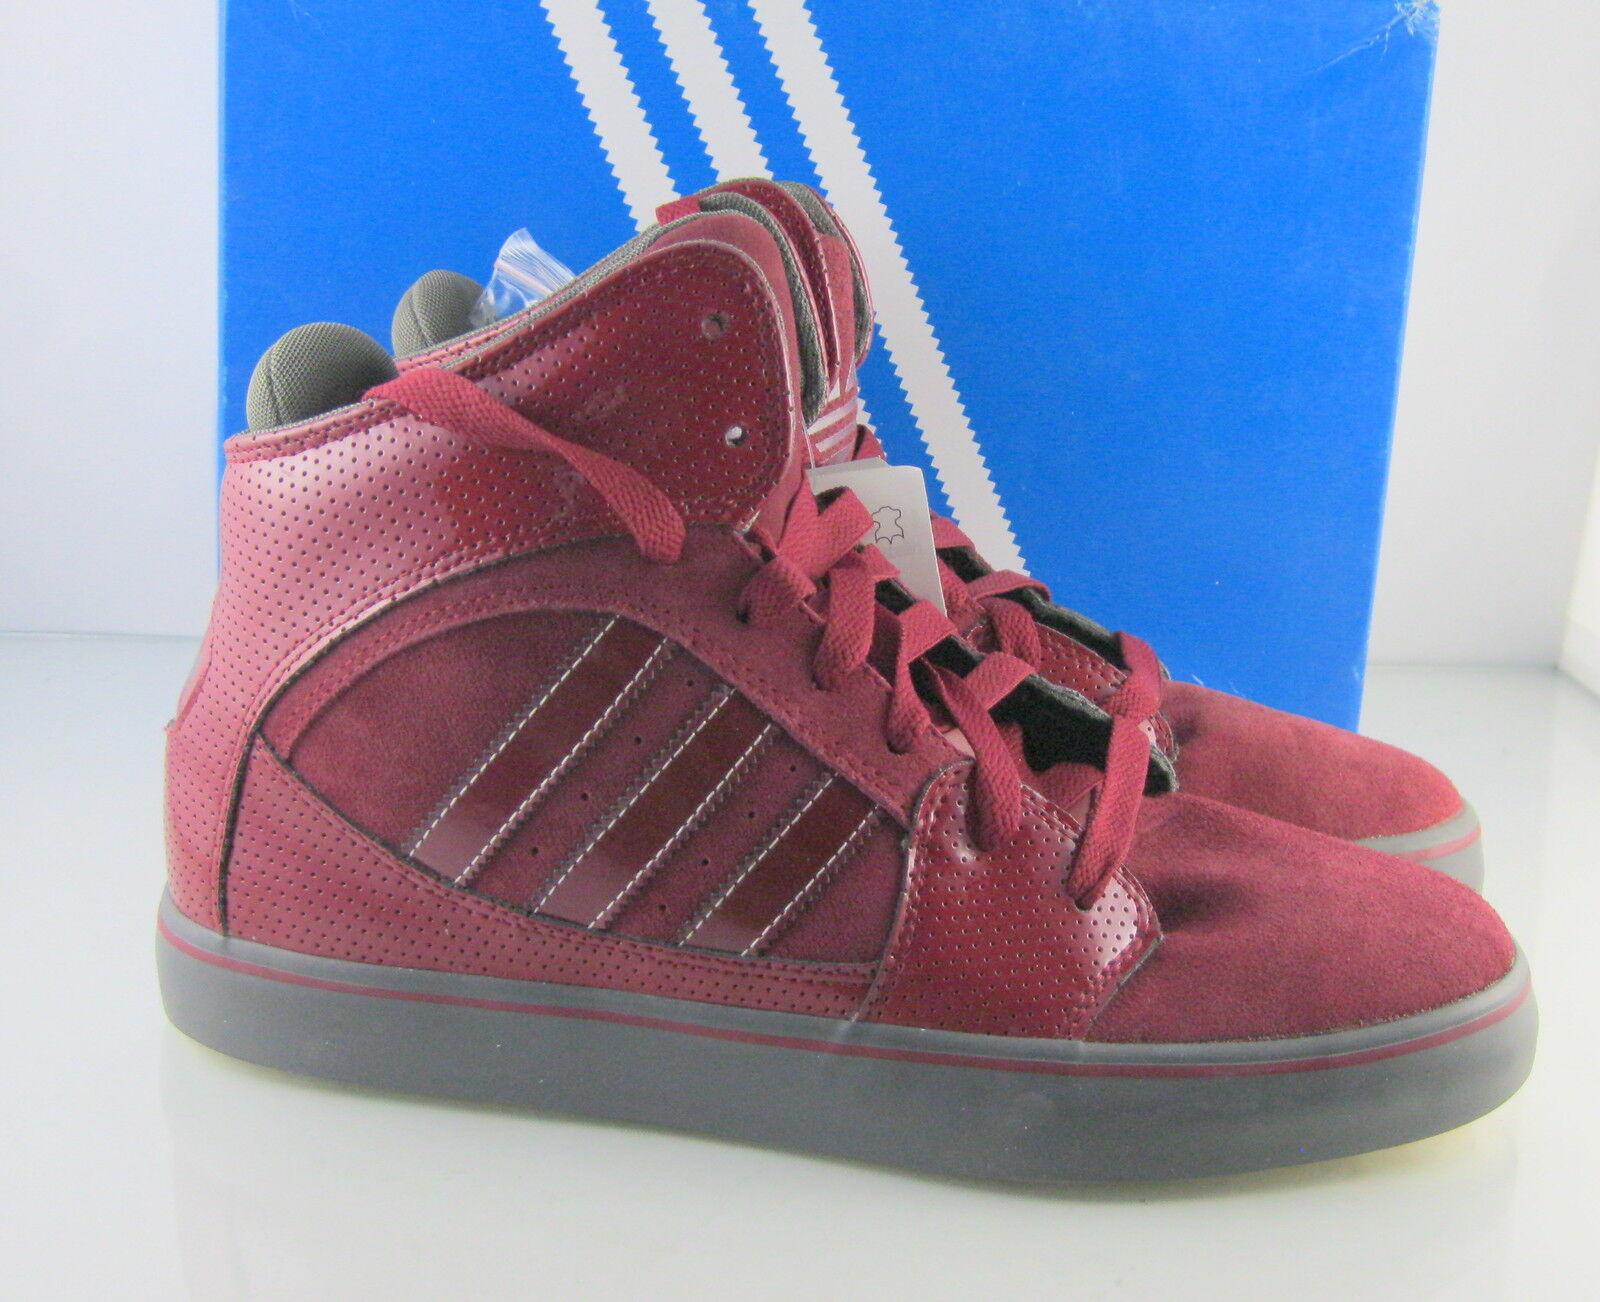 Originale adidas hillsdale g24957cardin / / / eisen / rouge / acier rote mens größe 10. 4bfedb